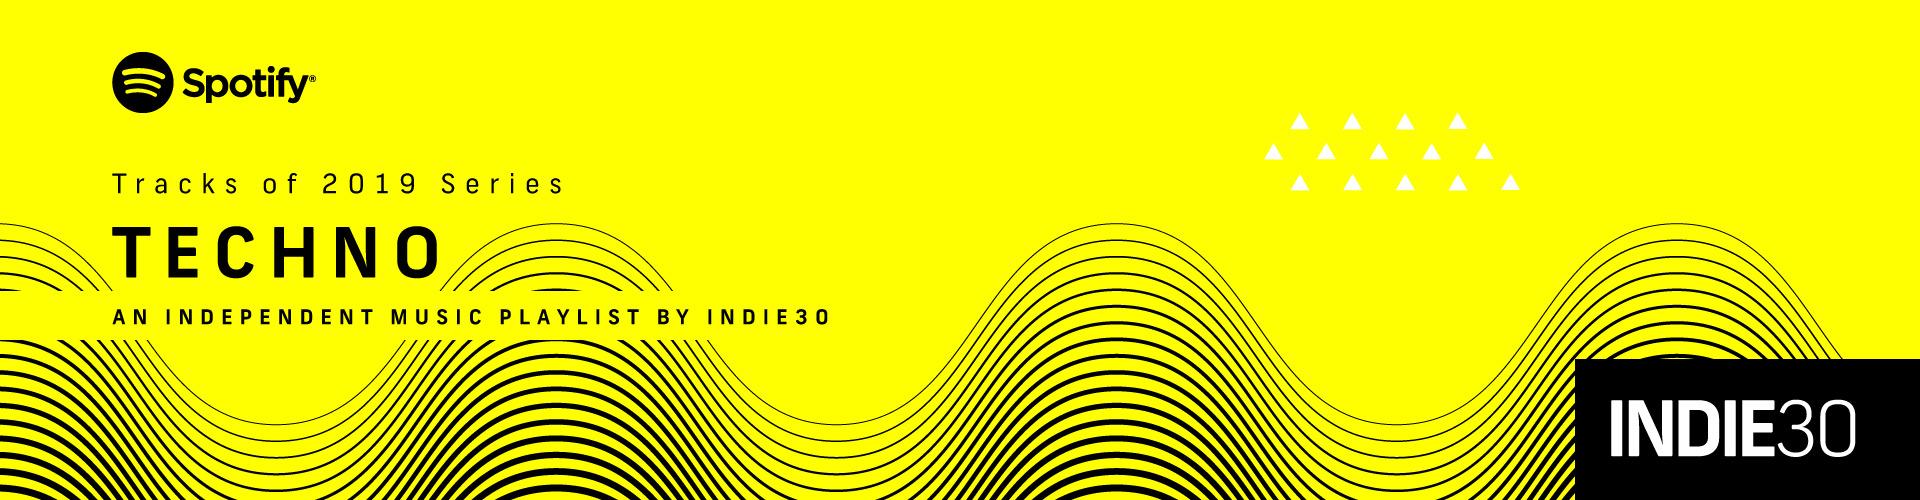 I30-techno-banner-1920x500